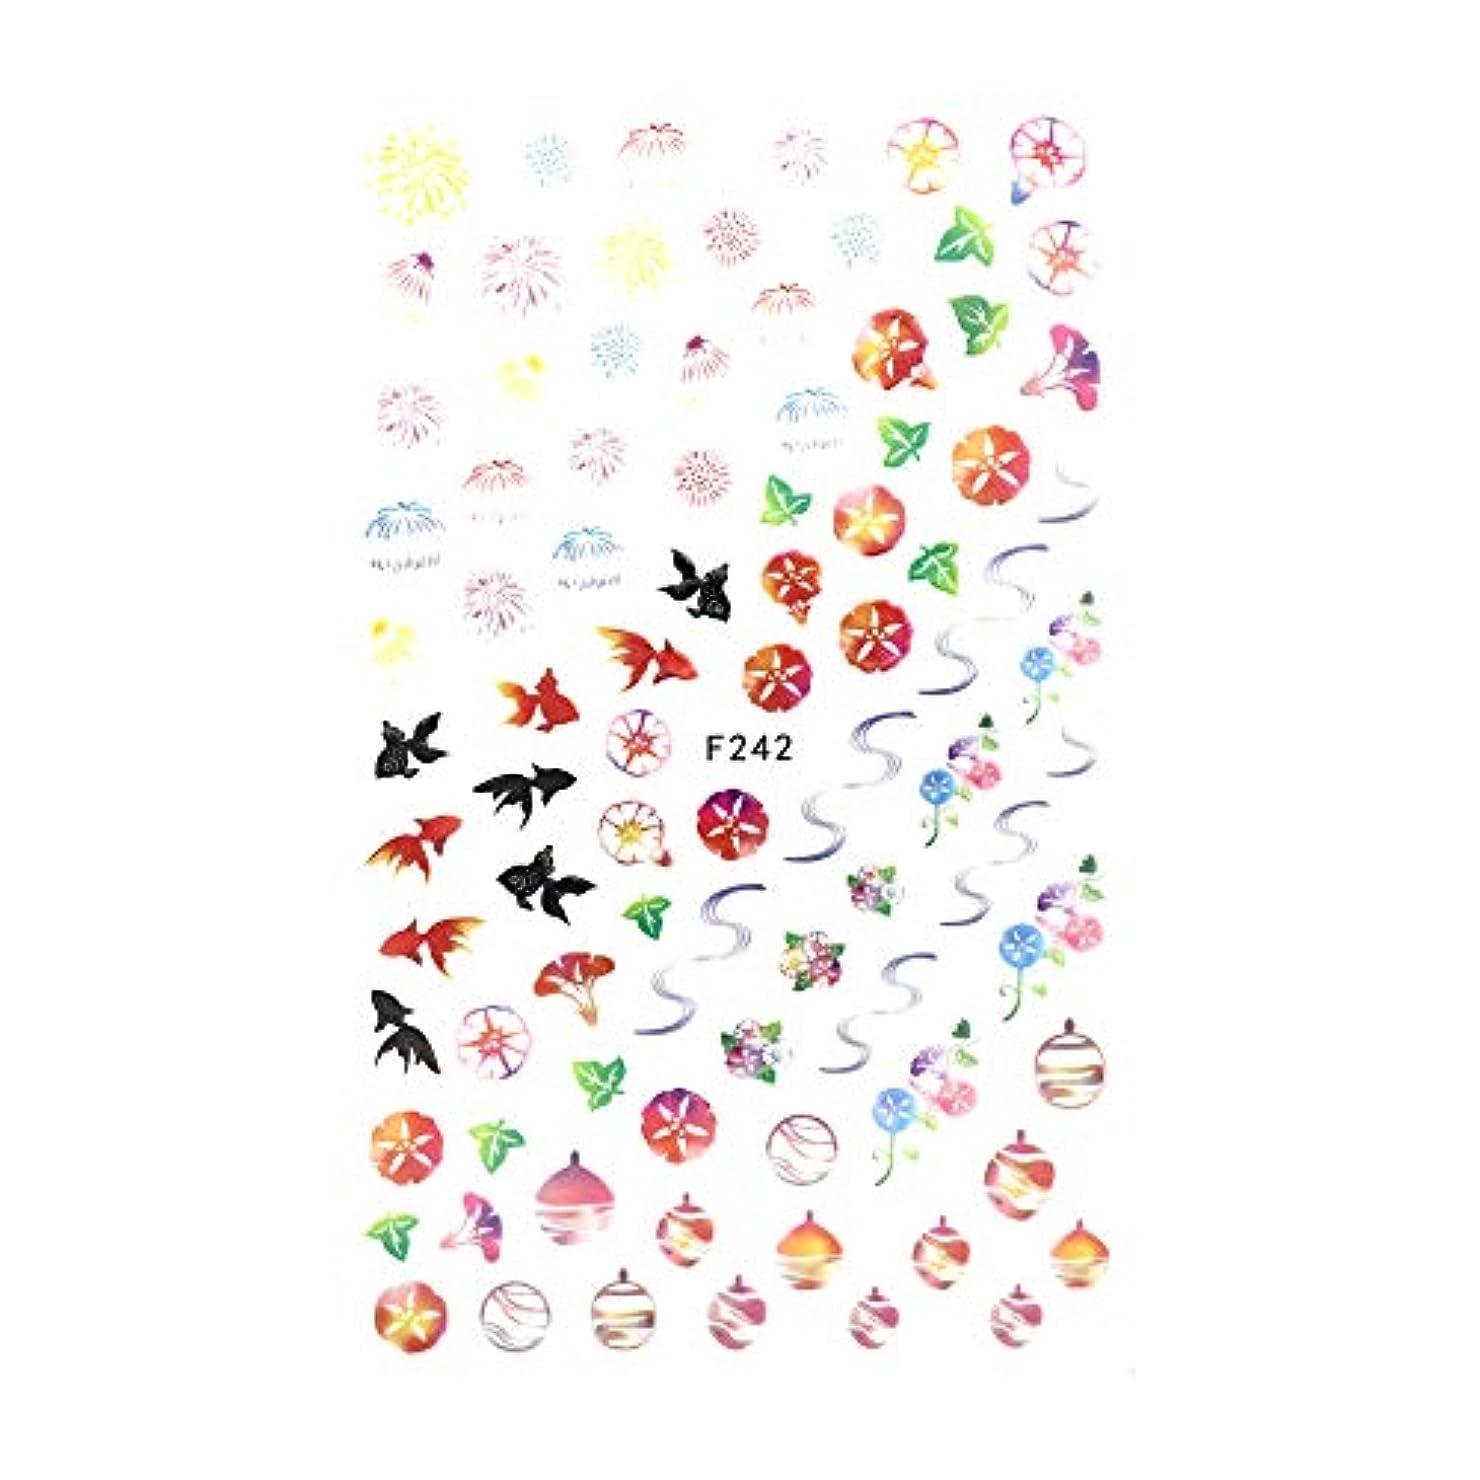 殺人者ナイロンウイルスirogel イロジェル ネイルシール 和夏シール【F242】日本 風物詩 祭り 浴衣 花火 金魚